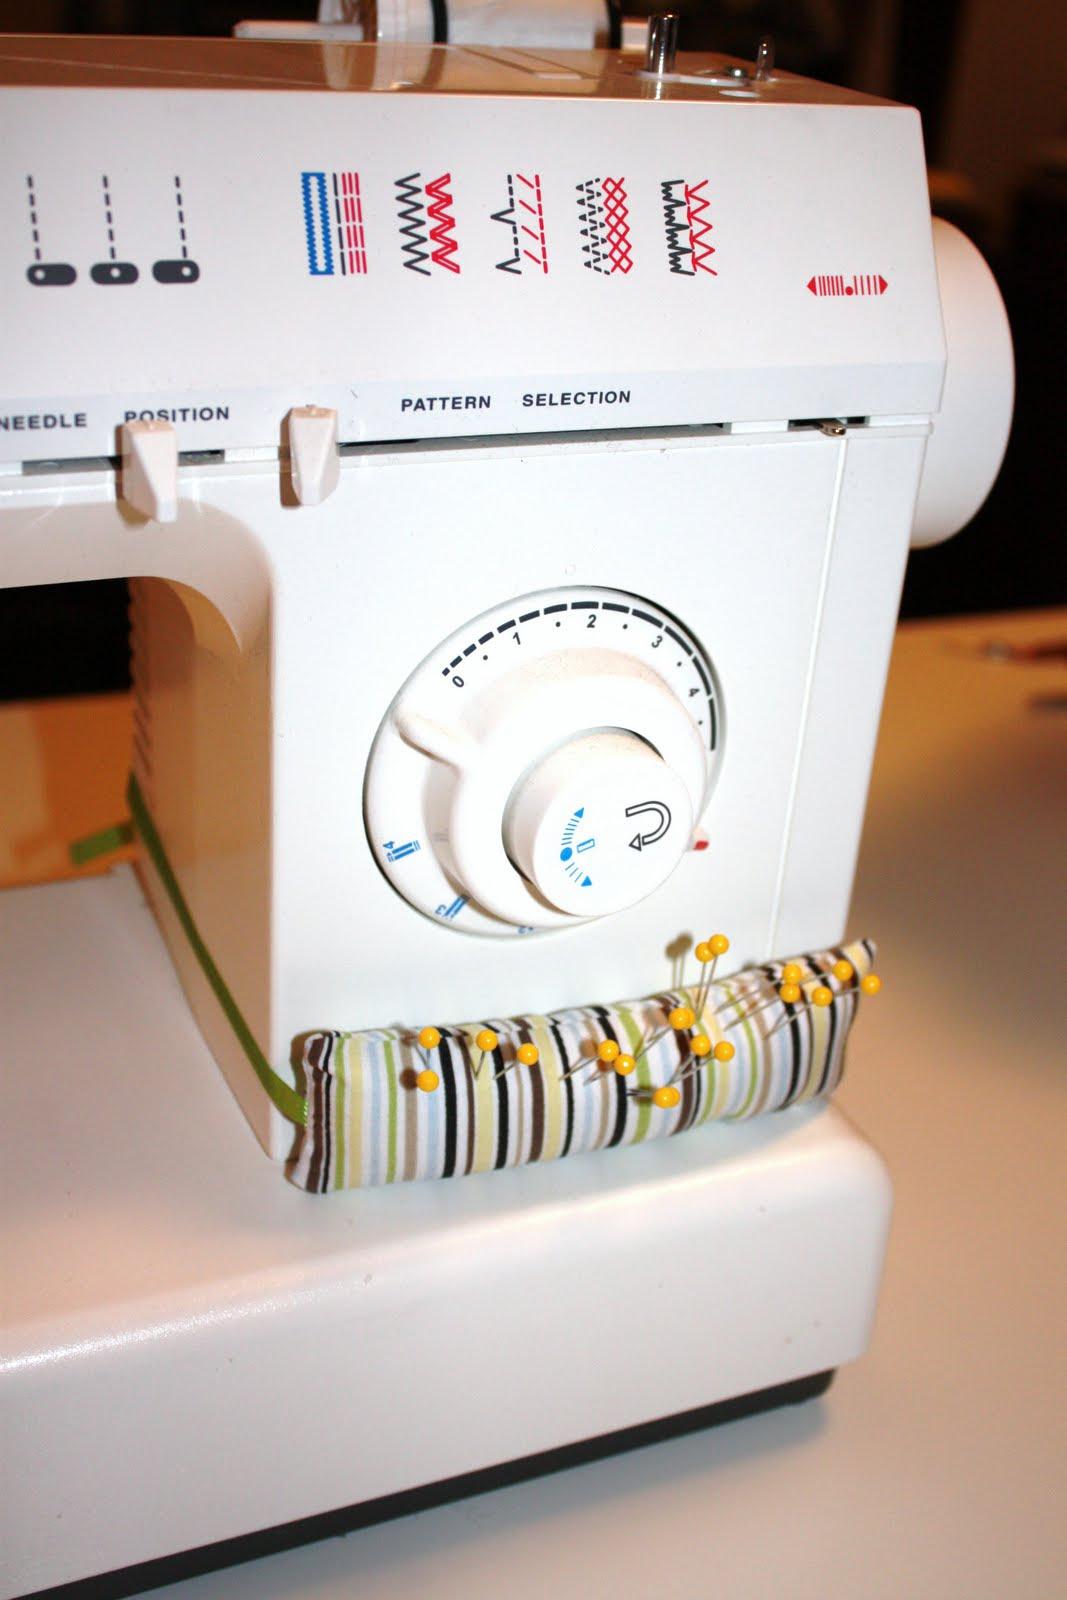 браслет для булавок на швейную машину